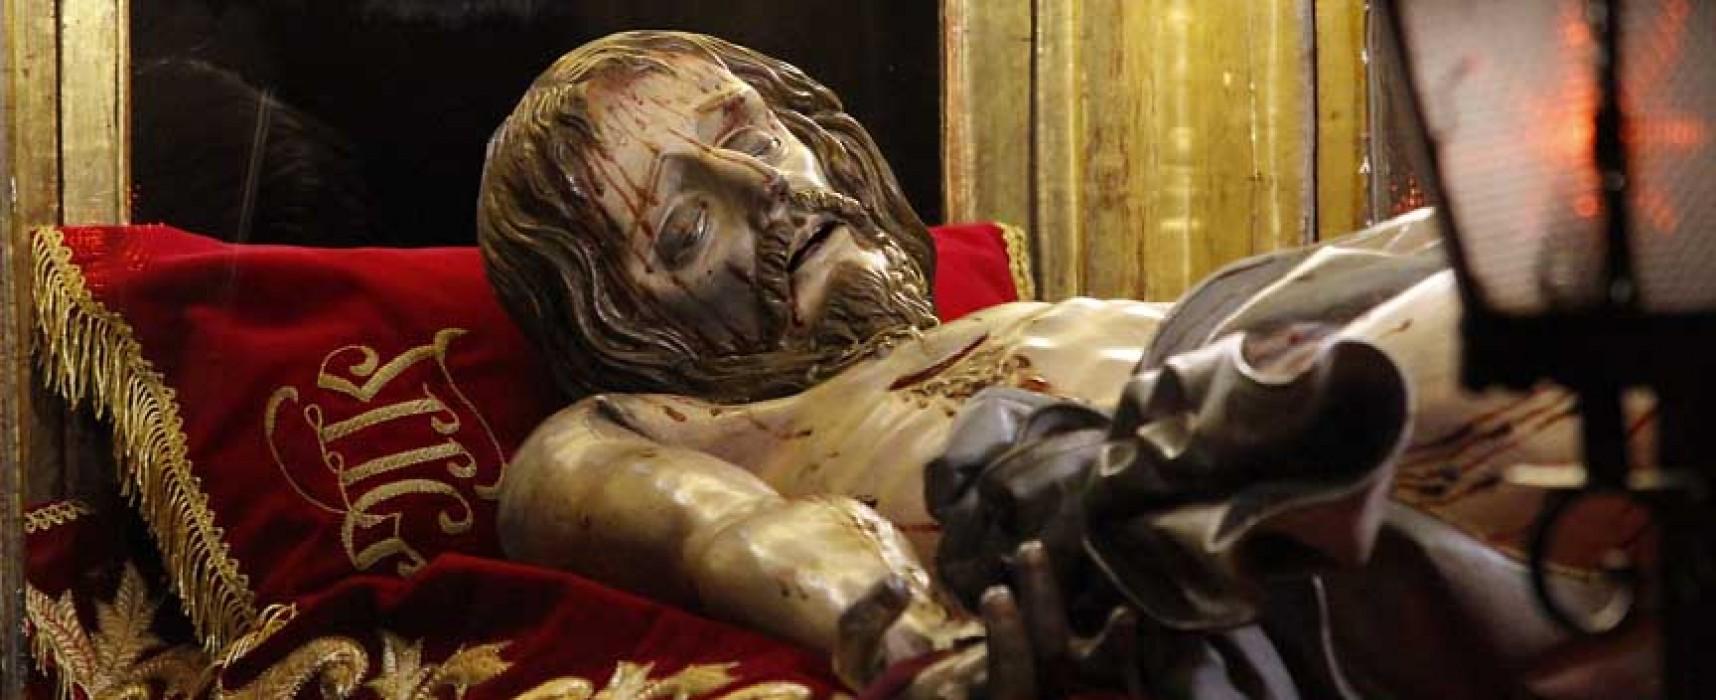 Las cofradías exponen los pasos que procesionan en la Semana Santa cuellarana